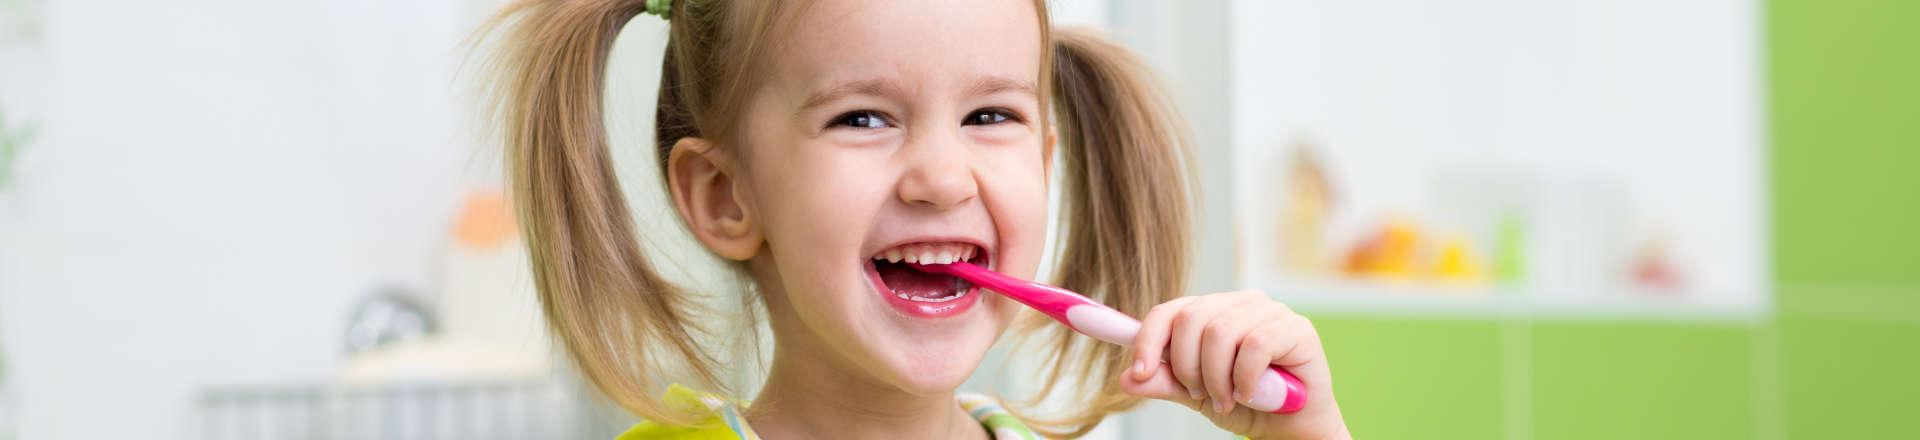 little girl brushing her teeth